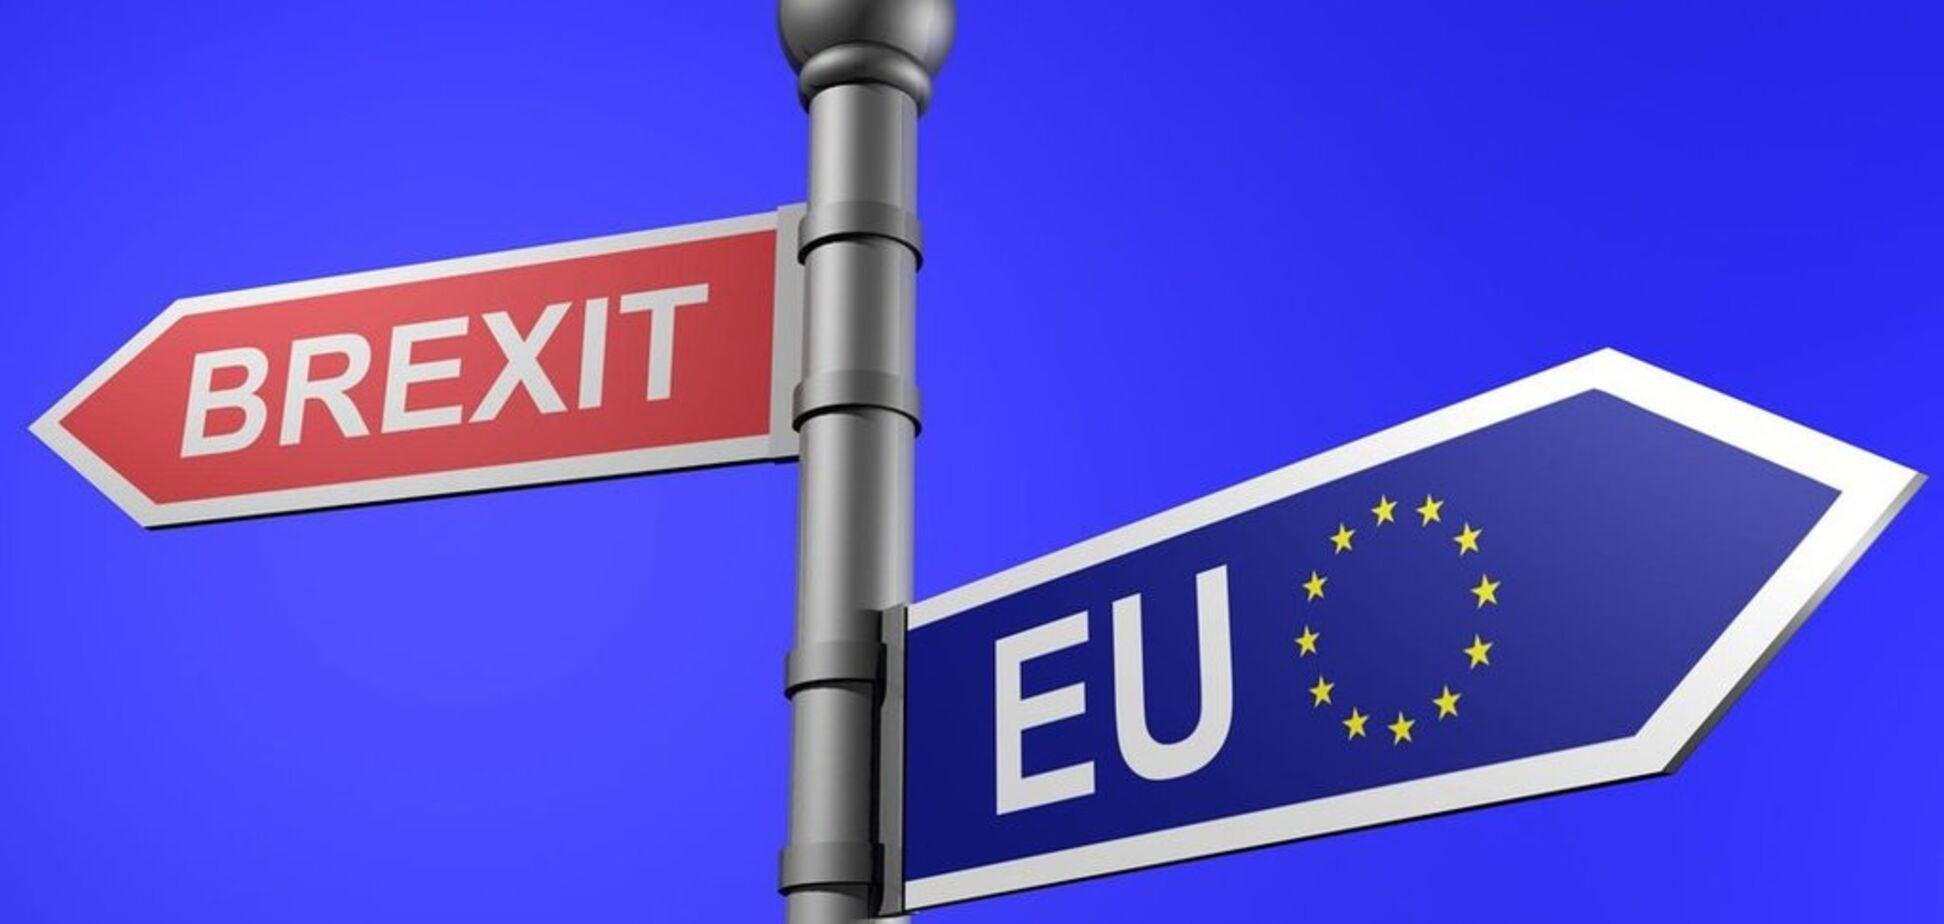 Країни ЄС винесли остаточне рішення щодо Brexit